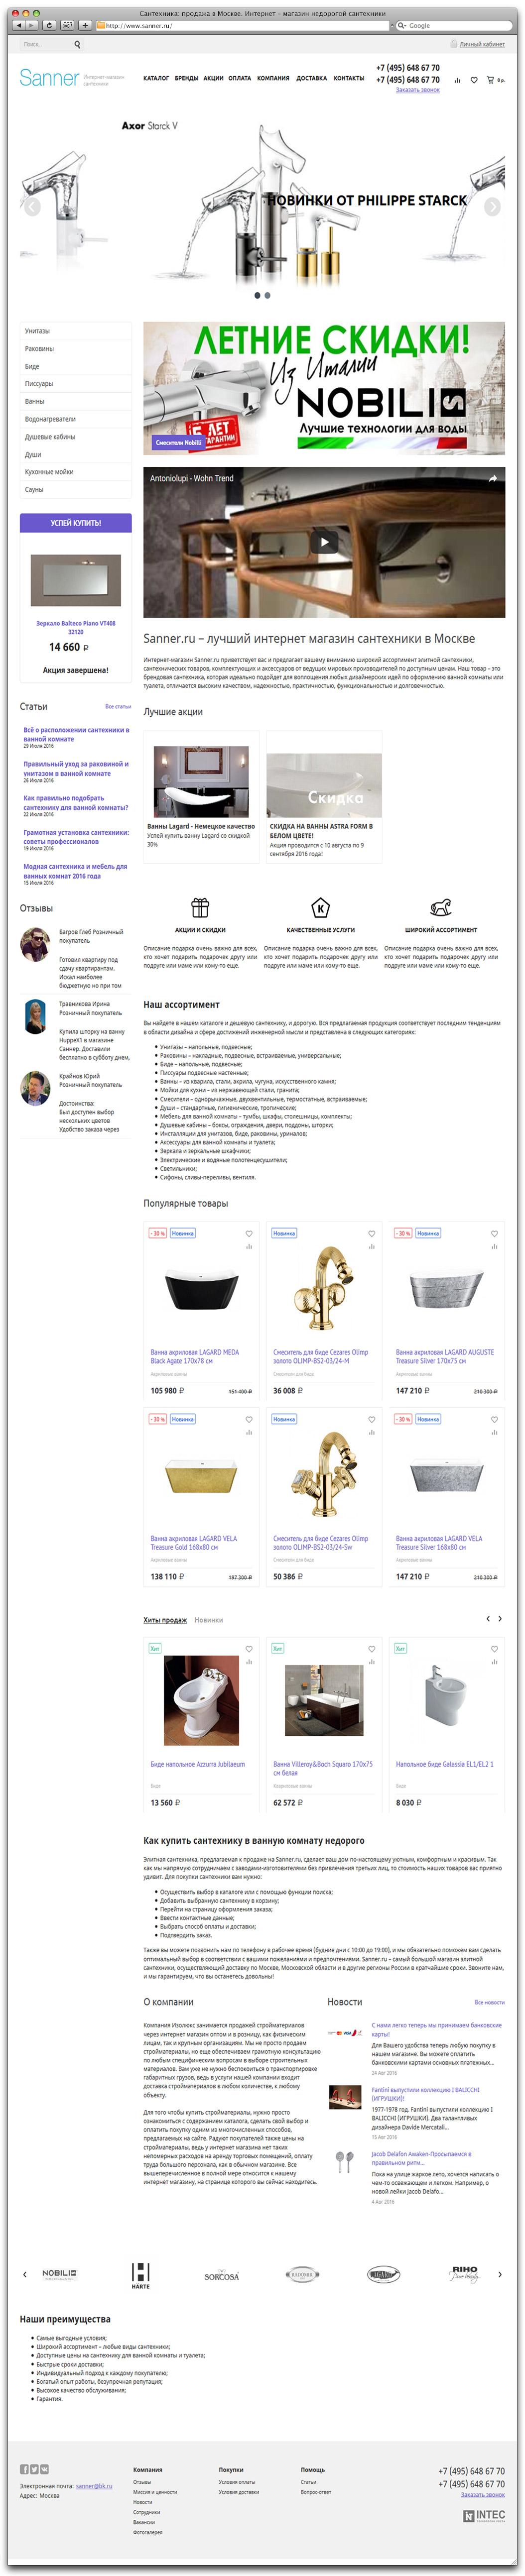 Сантехника: продажа в Москве. Интернет–магазин недорогой сантехники